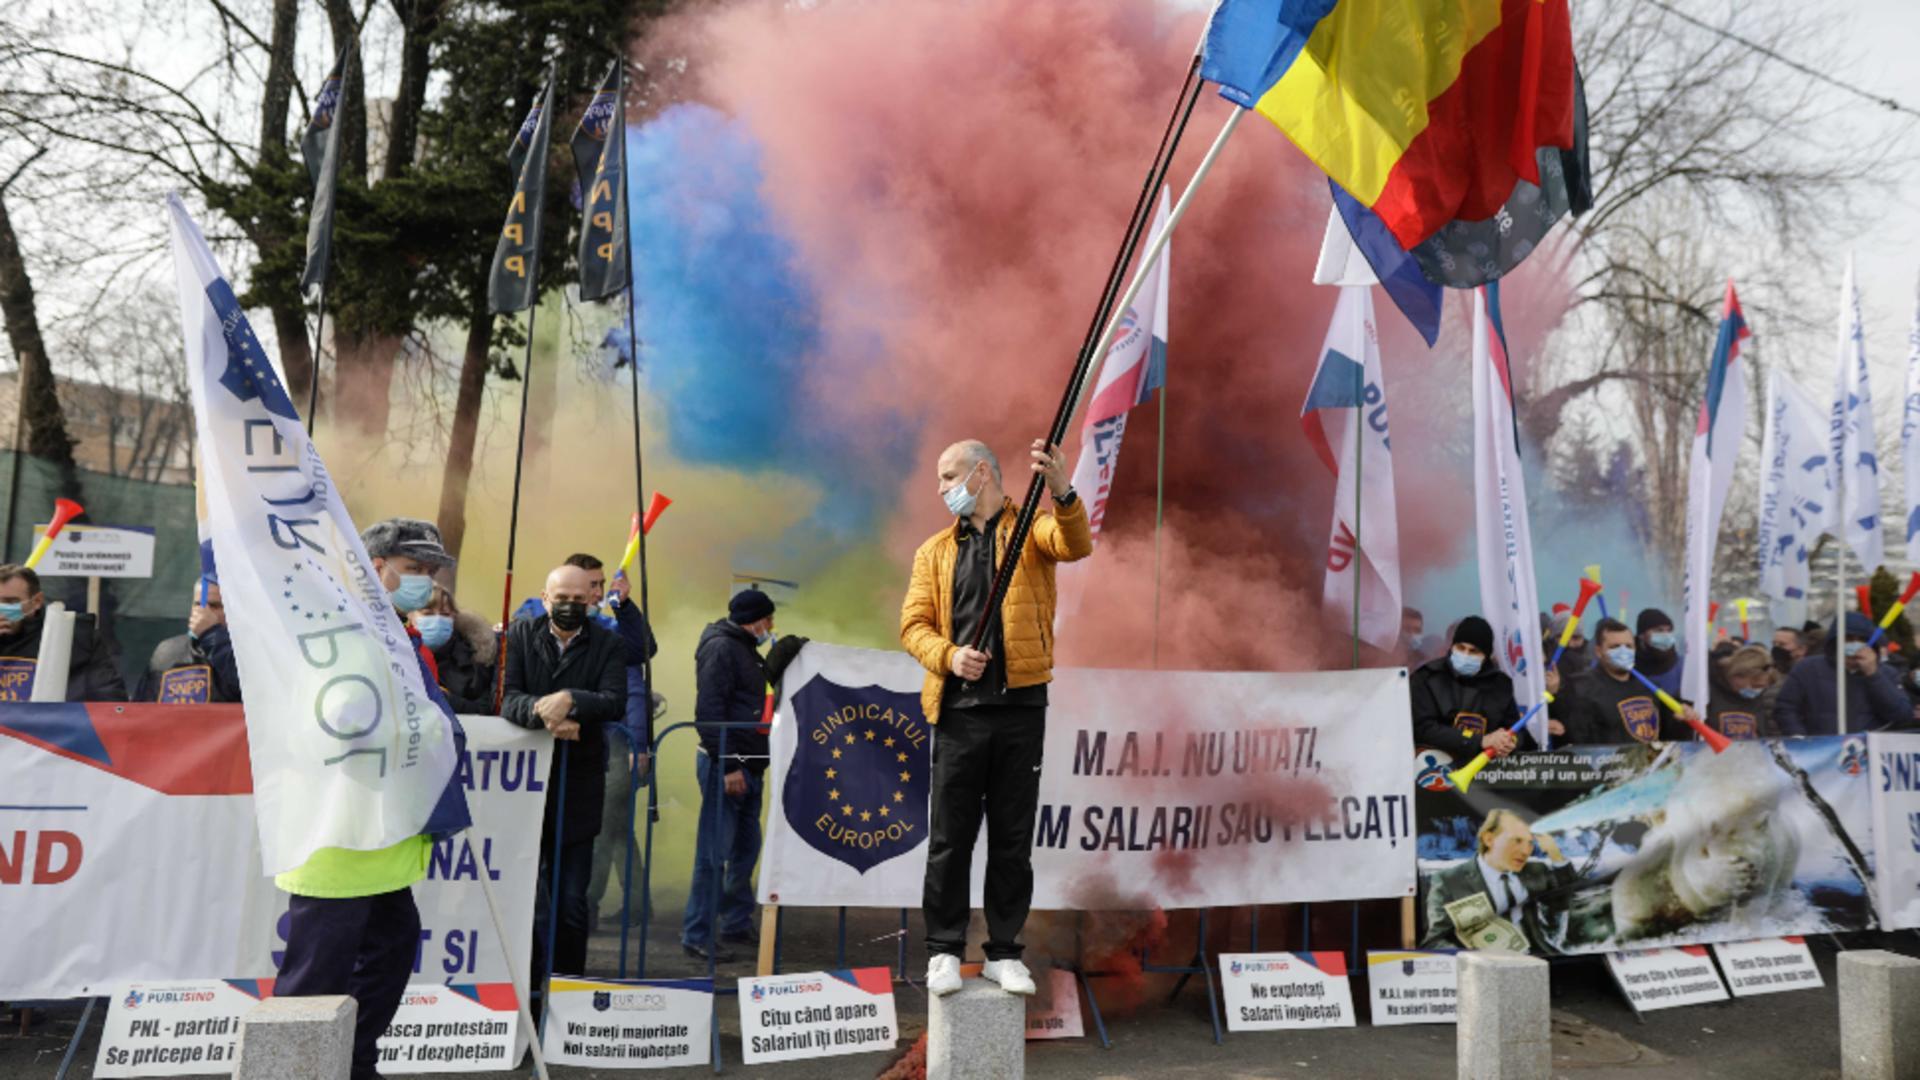 Sindicatele din poliție s-au încăierat cu jandarmii la protestul din fața Palatului Cotroceni Foto Inquam